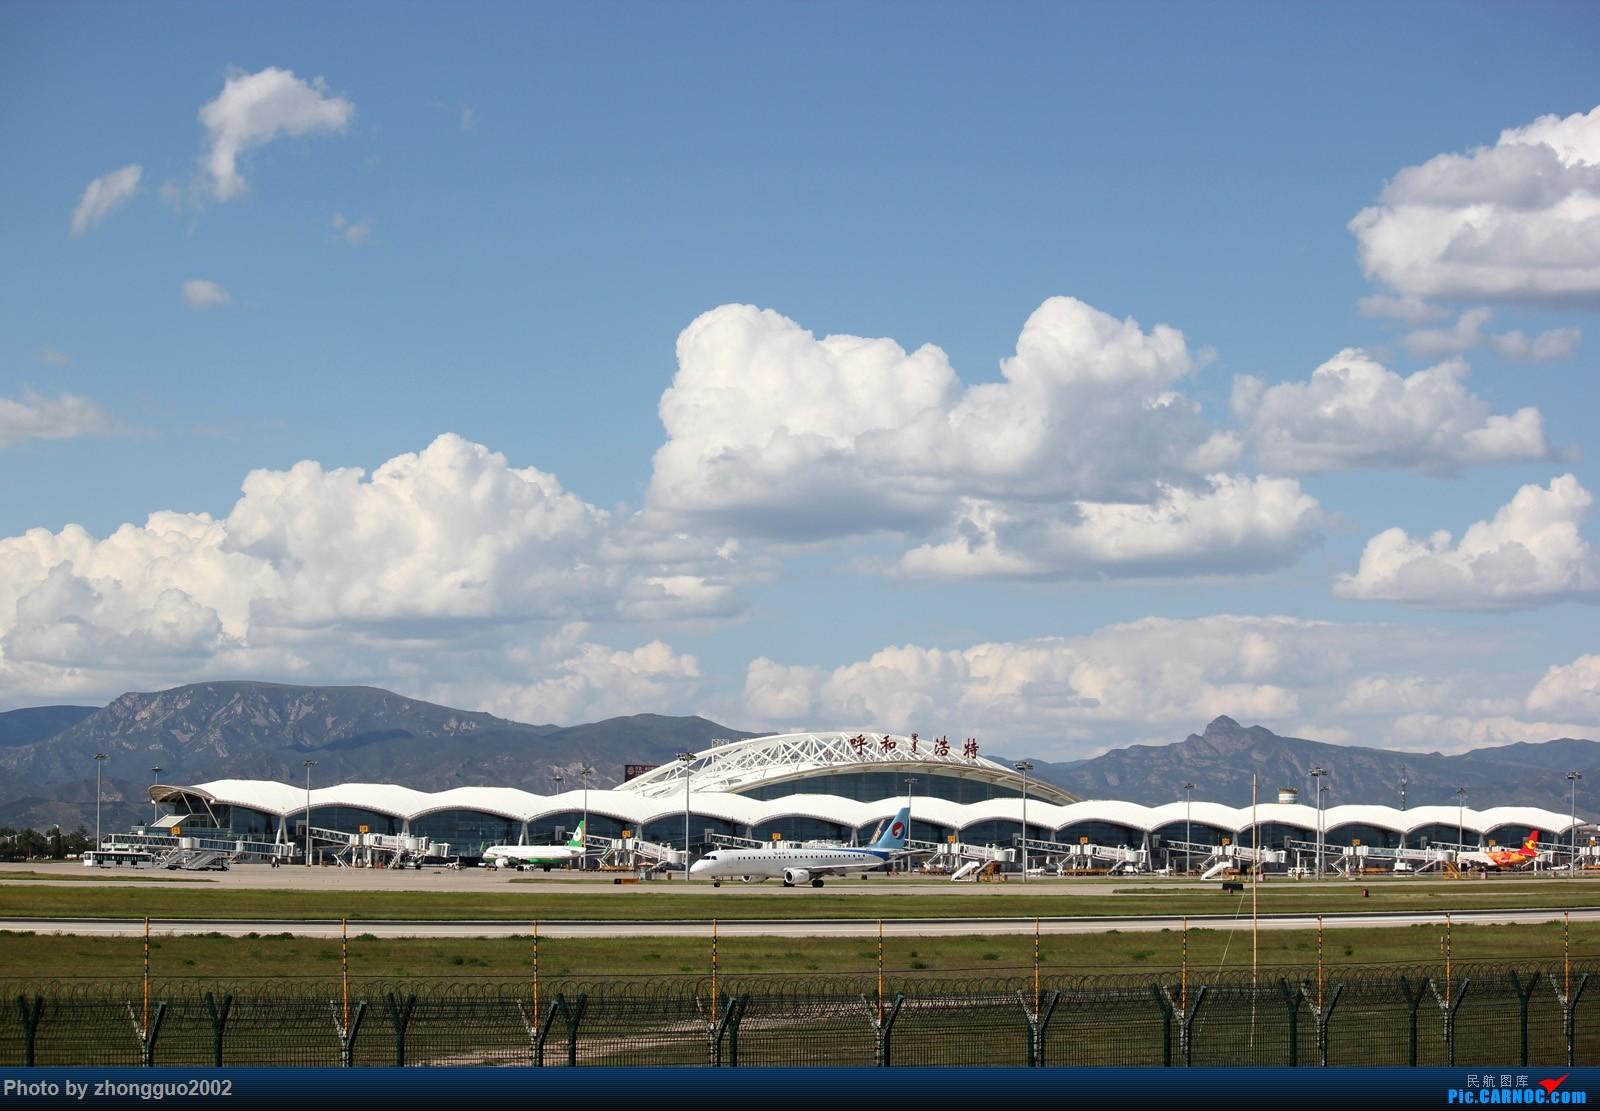 [原创]谨以此片献给这个夏天最美丽的草原城----呼和浩特。    中国呼和浩特白塔国际机场